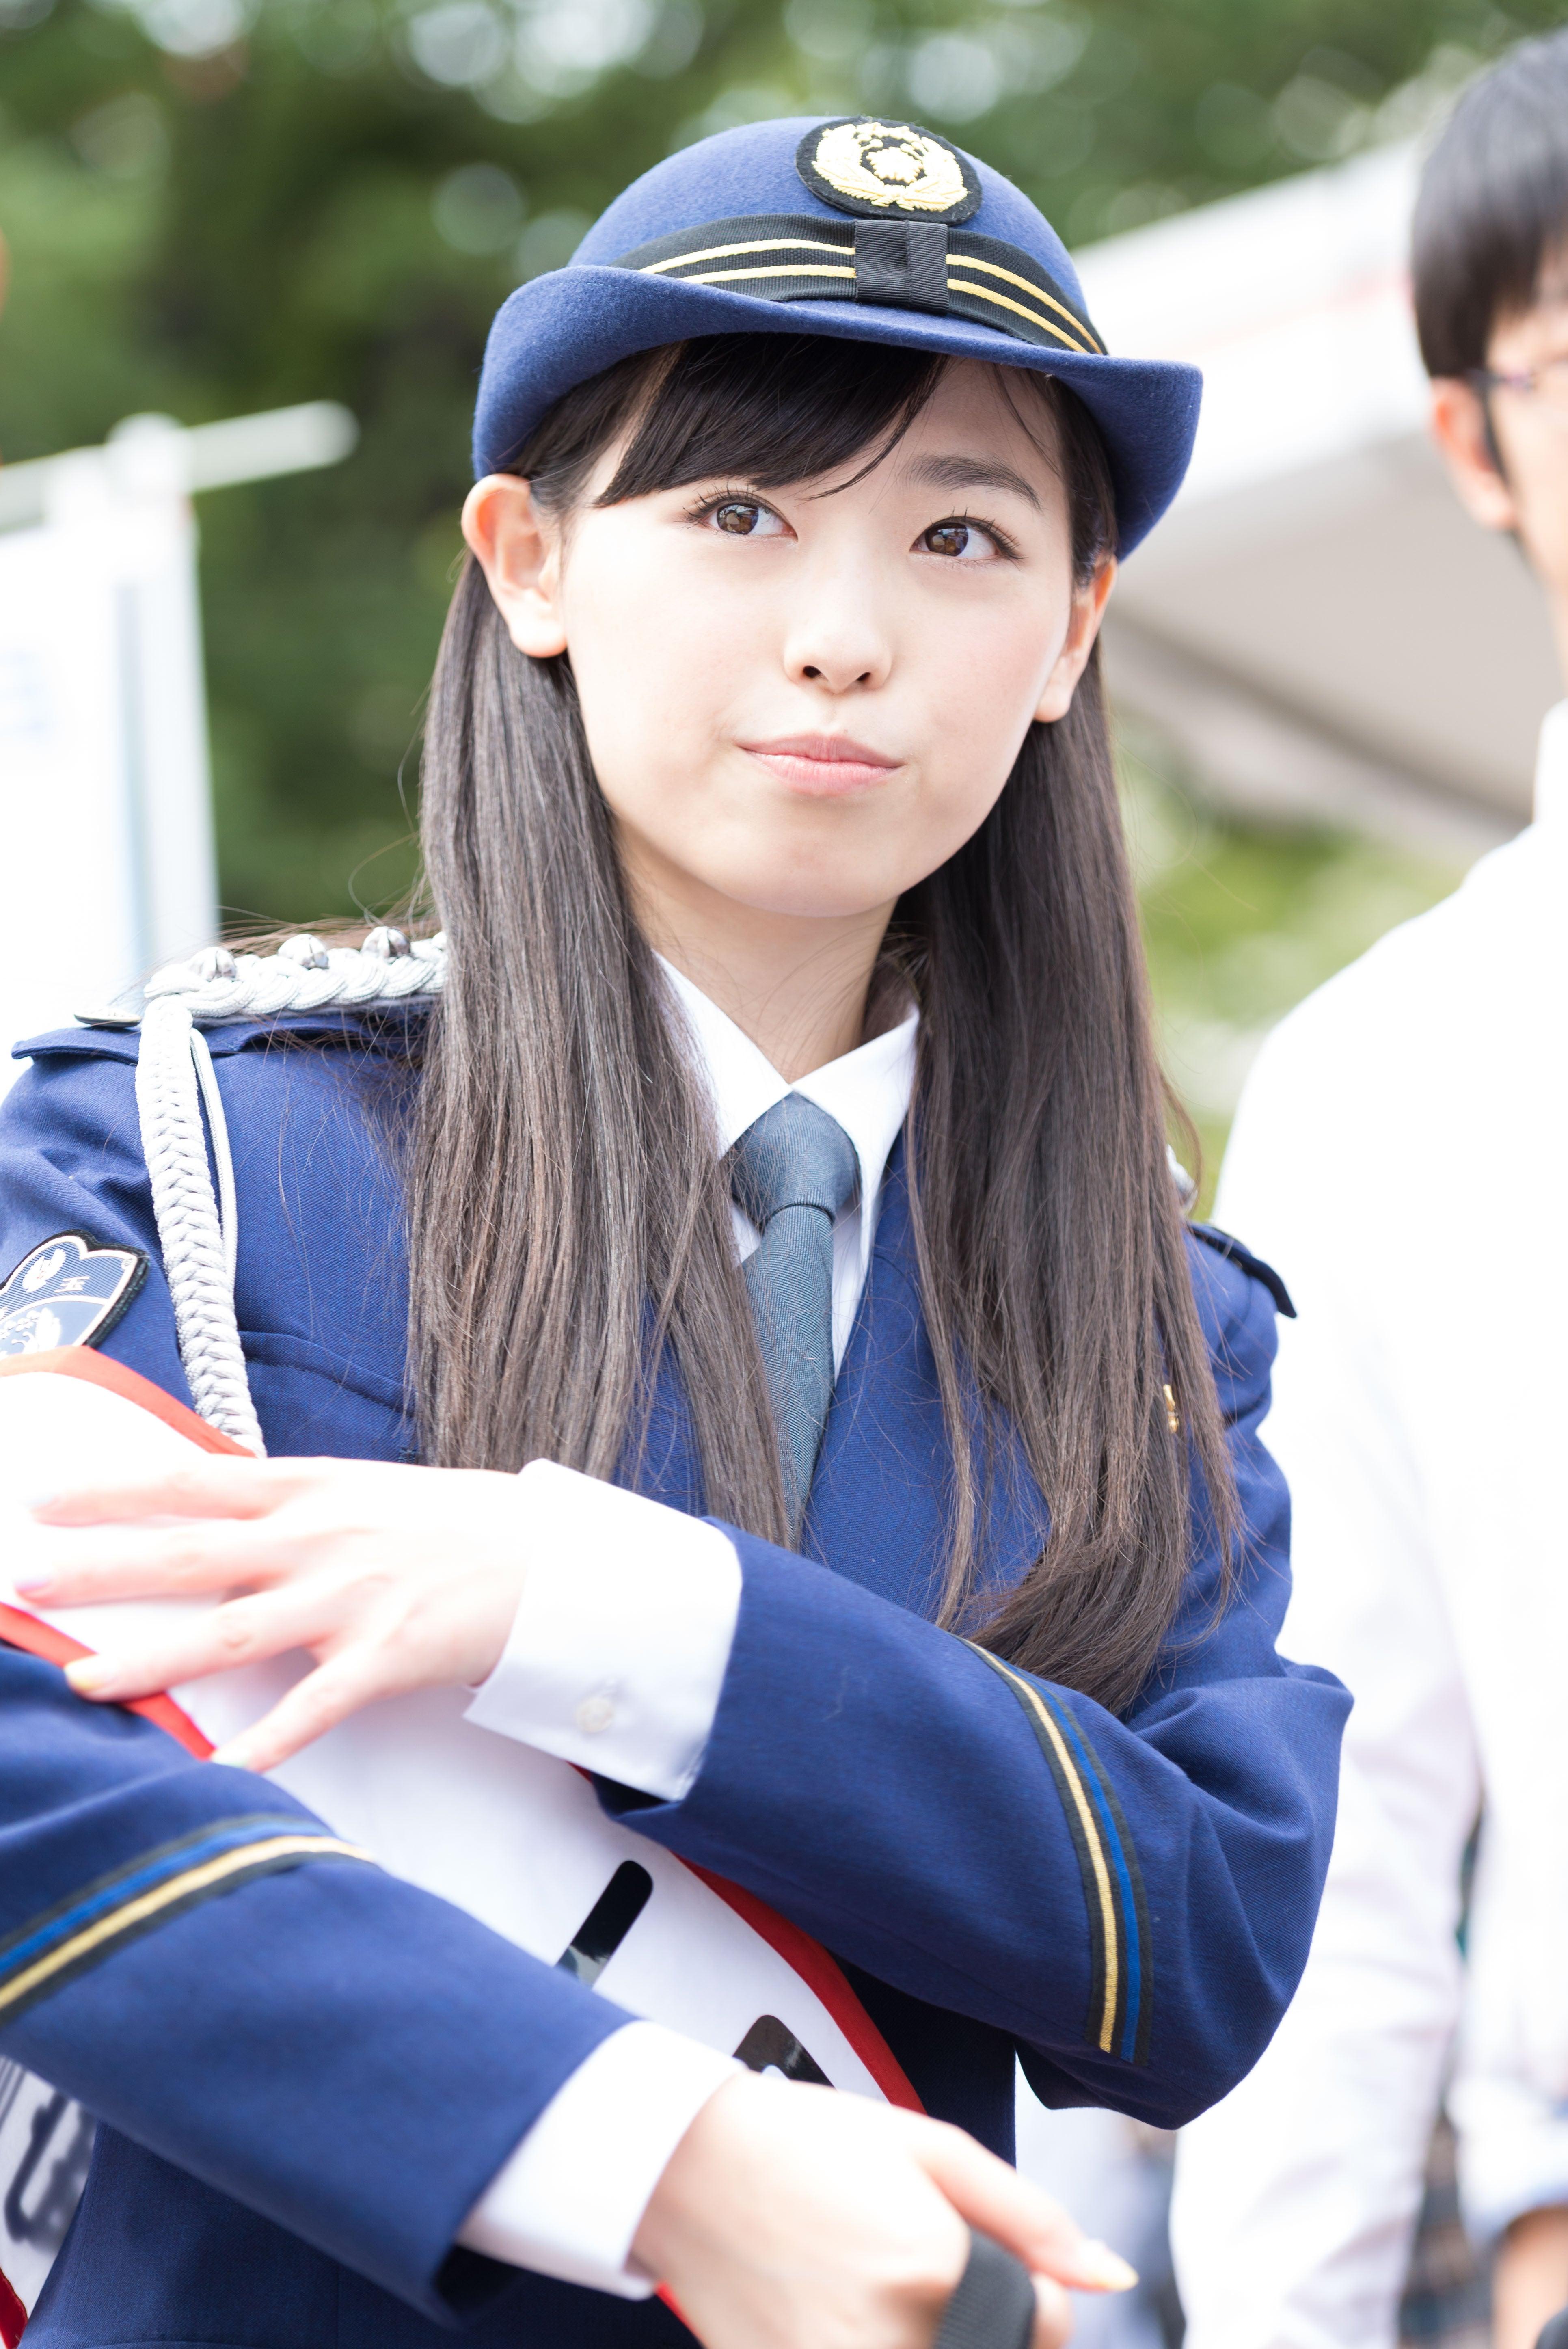 Yükle (600x900)Японська шкільна форма (жіноча) (Japan School Uniform) Зимова  модель (Winter Class)Японська шкільна форма (жіноча) (Japan School Uniform)  ... a00e95446c521